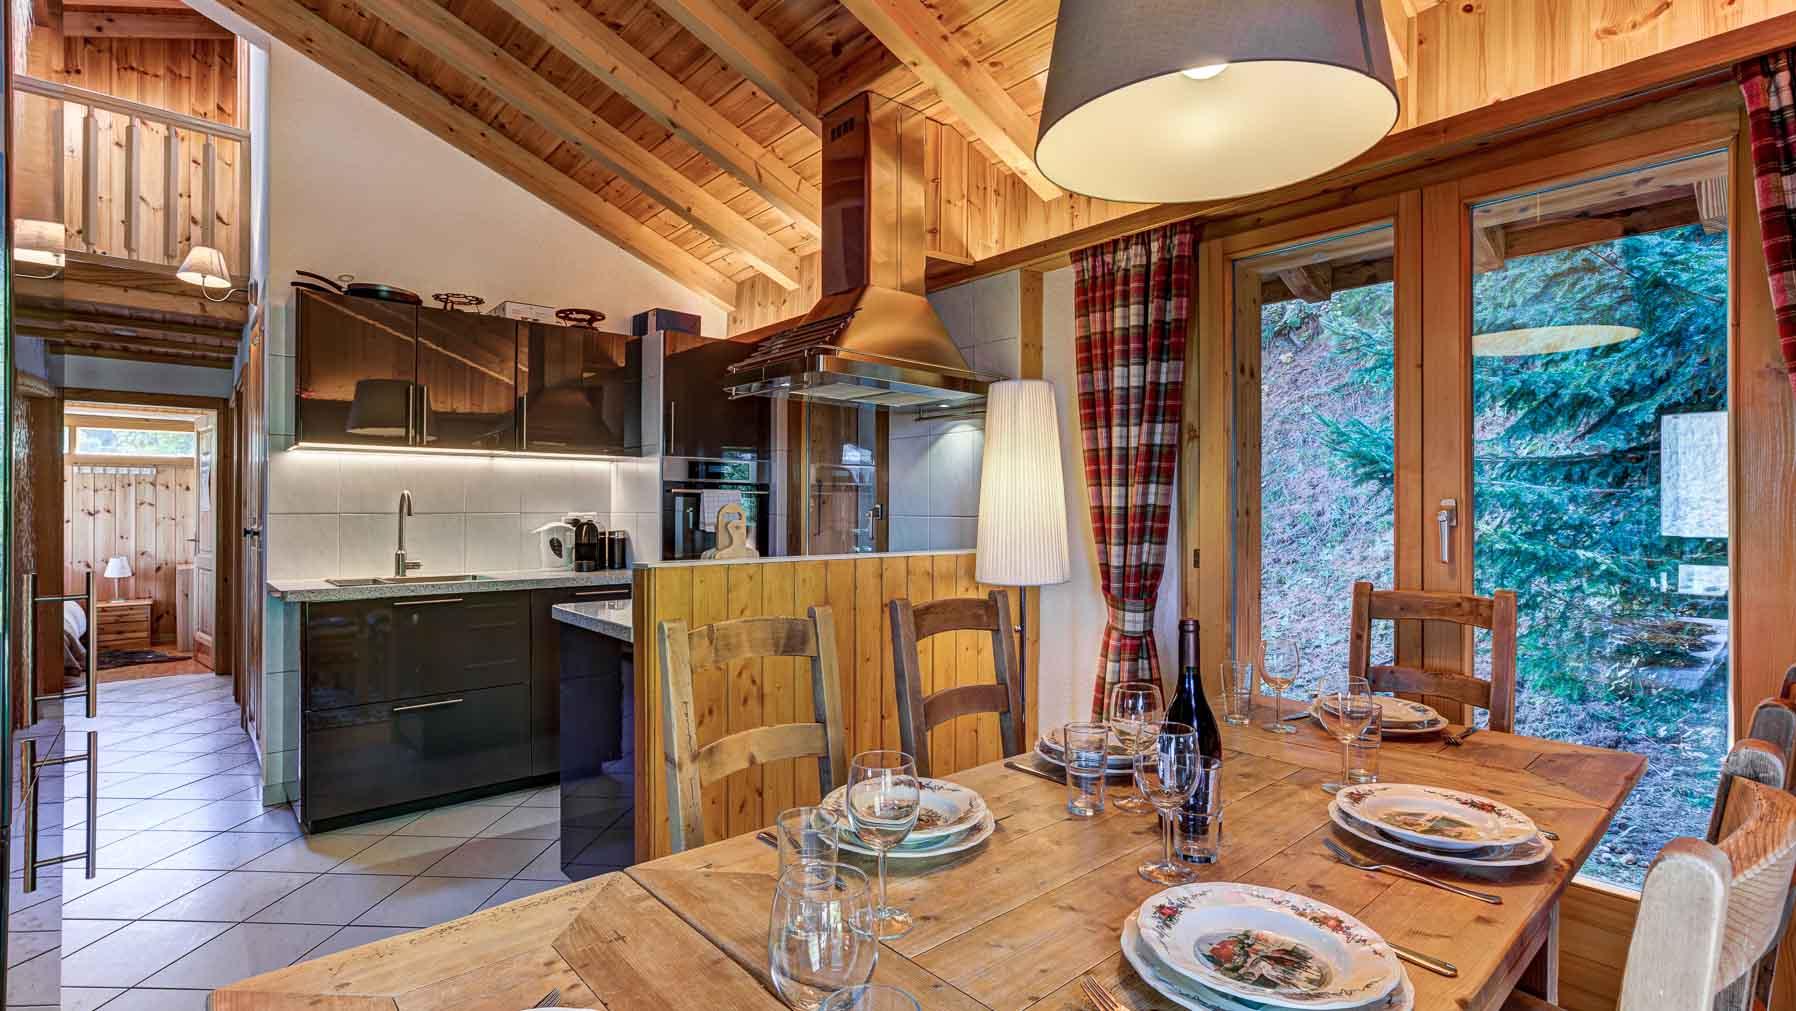 Chalet Khione Chalet, Switzerland